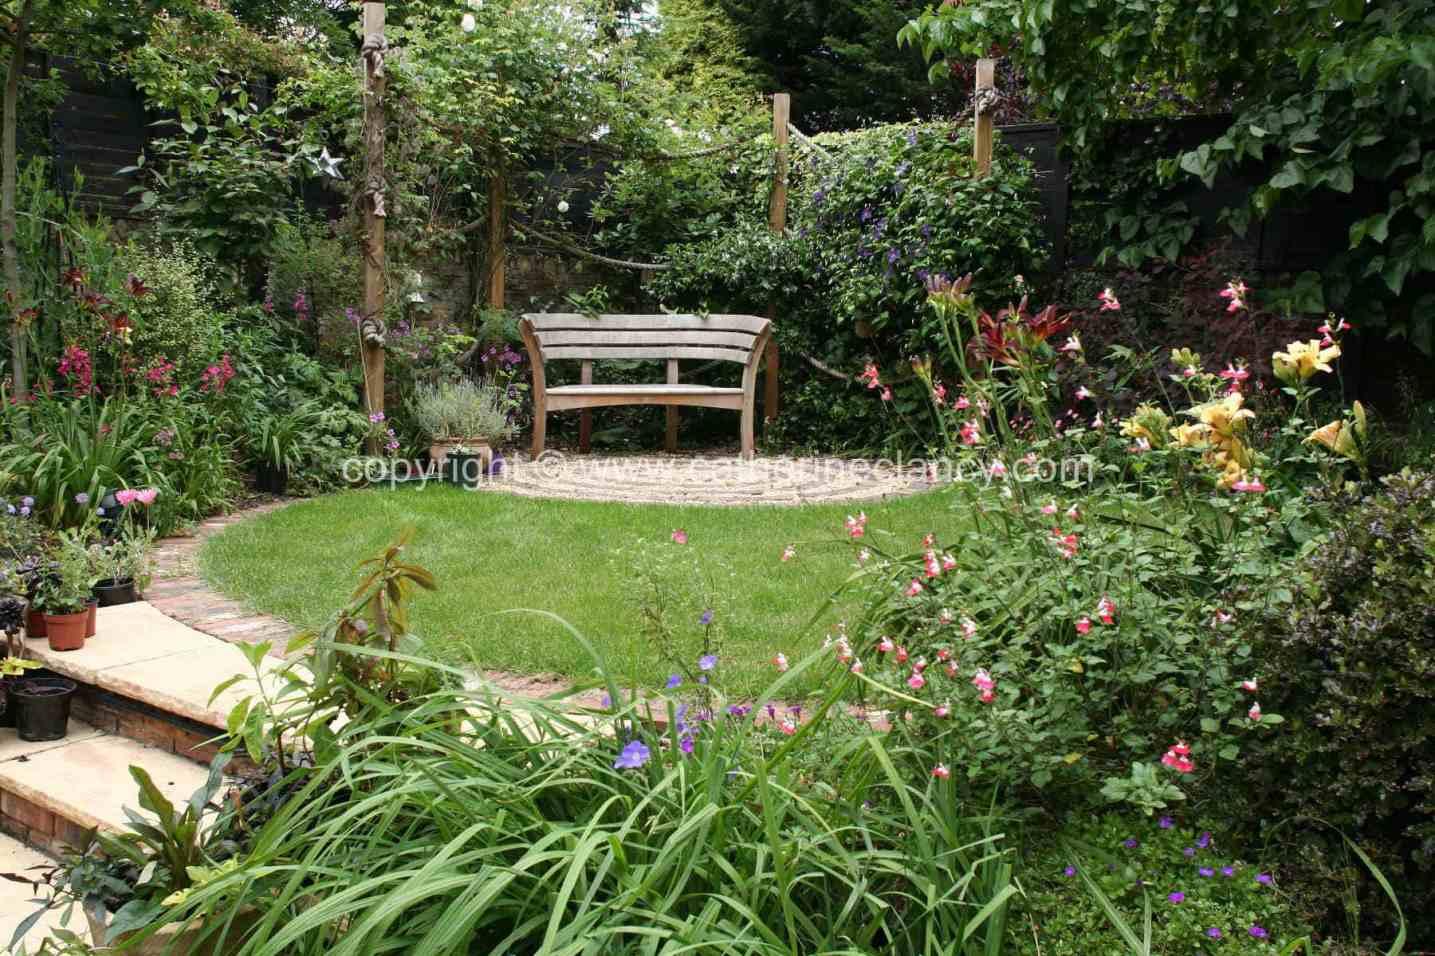 blackheath-walled-garden-2